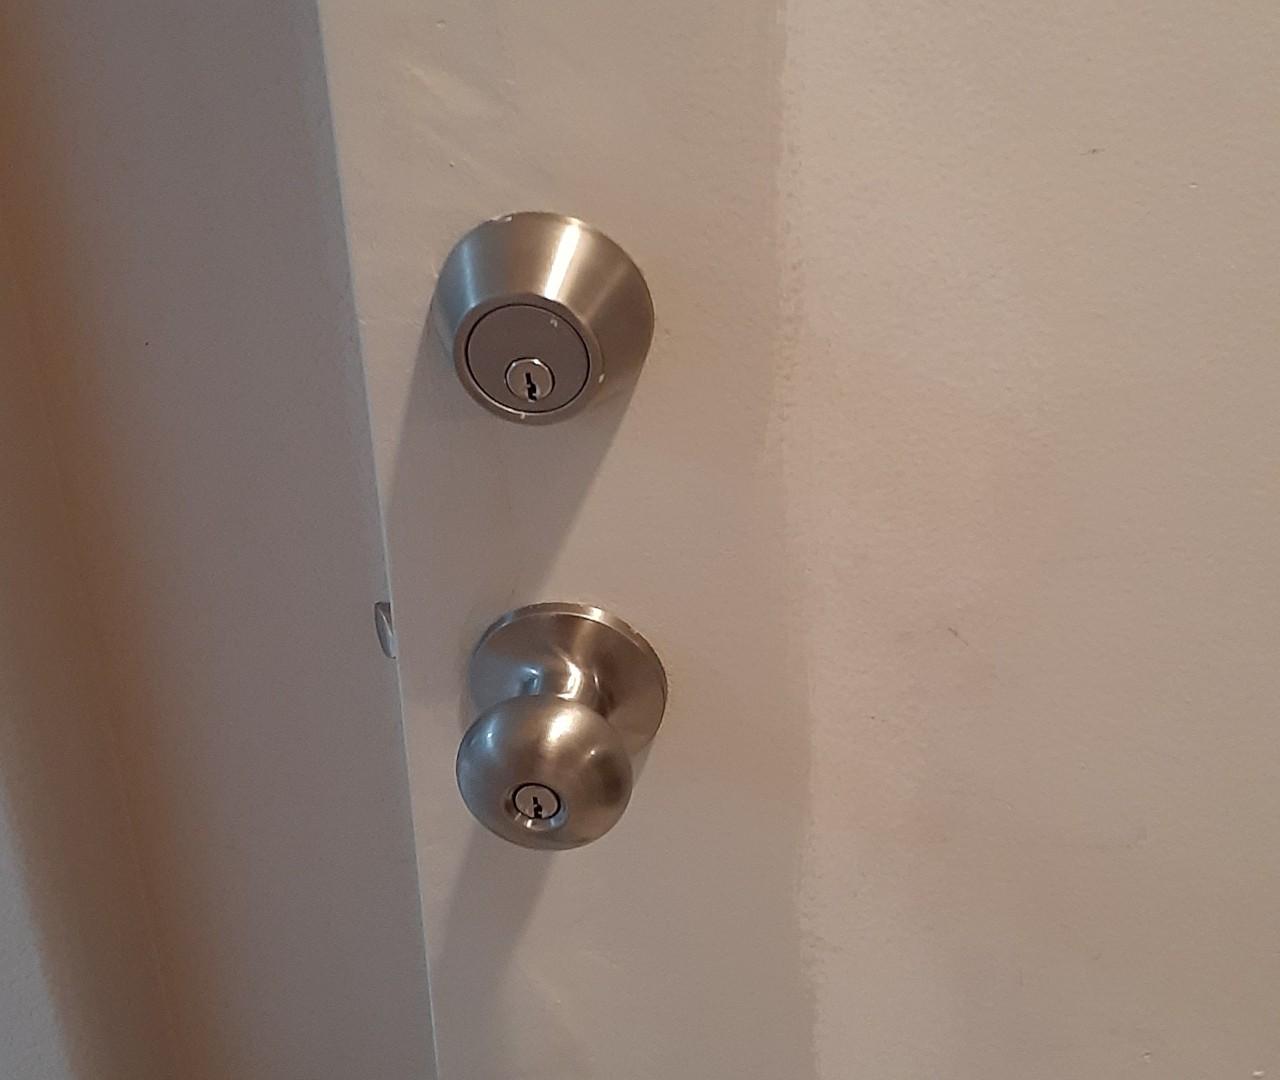 repair-and-maintenance-door-handle-repairs--after-02